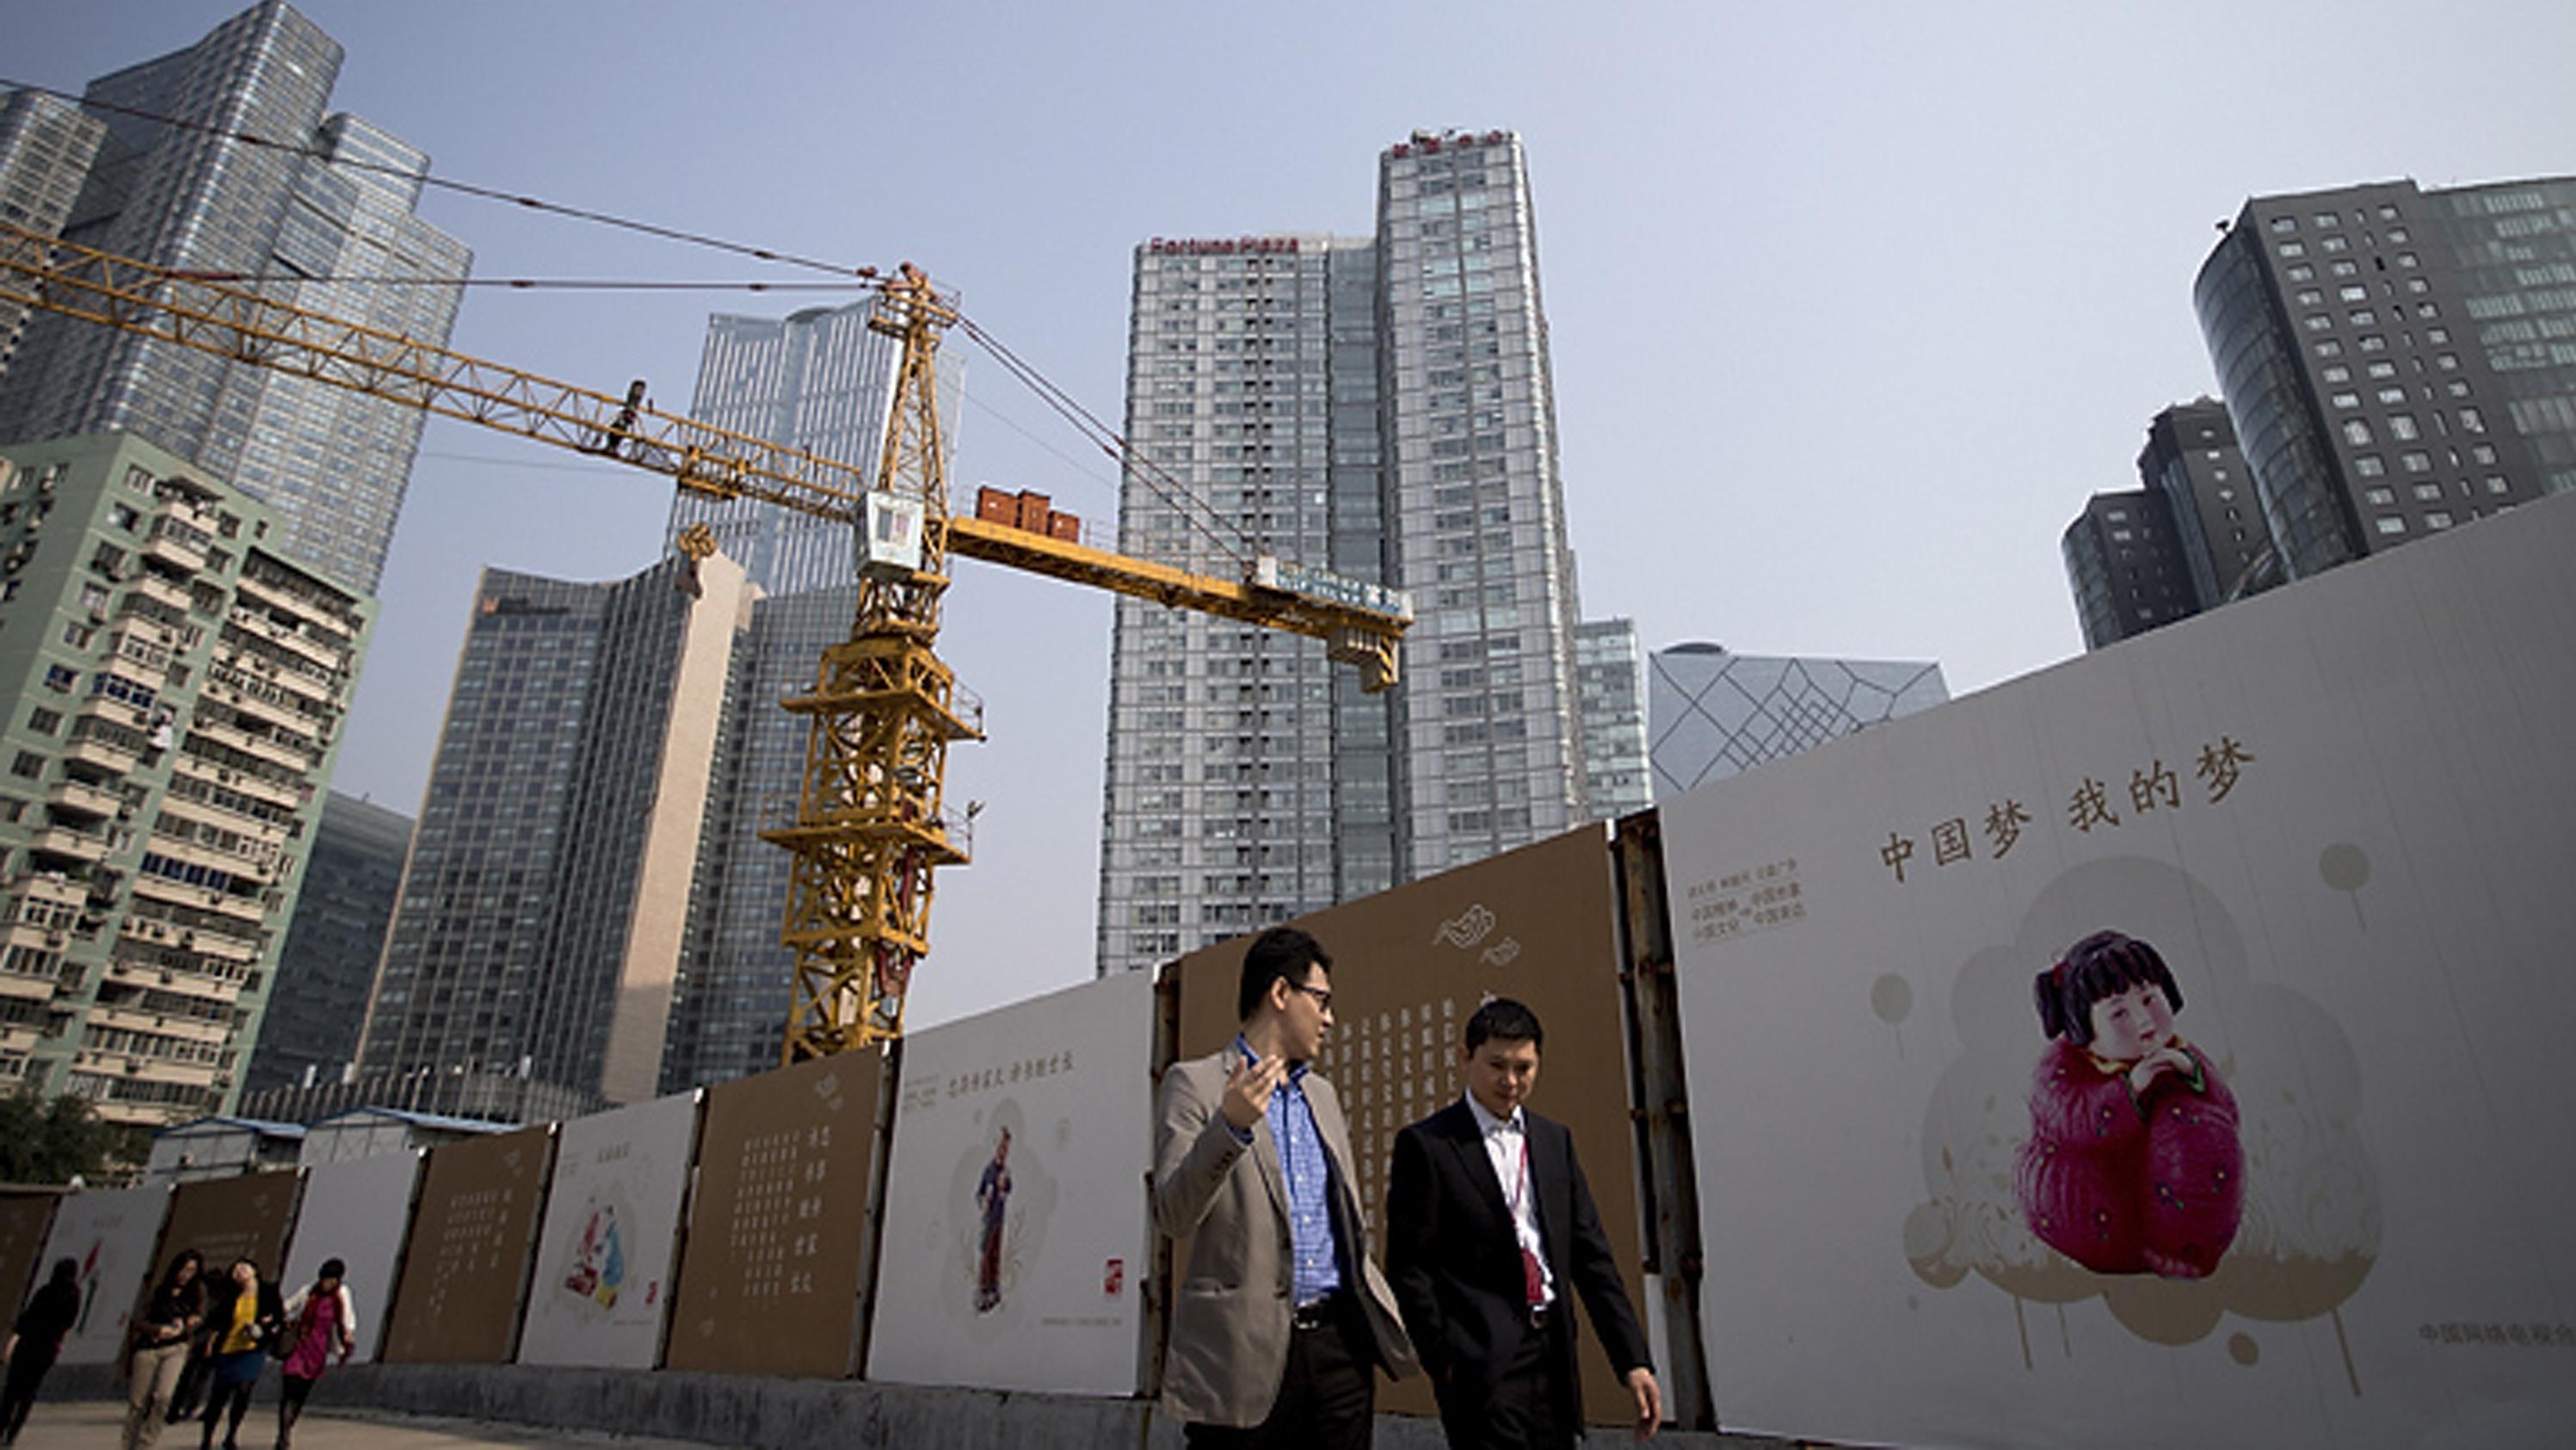 चीन सन् २०२८ सम्ममा विश्वकै ठूलो अर्थतन्त्र बन्ने